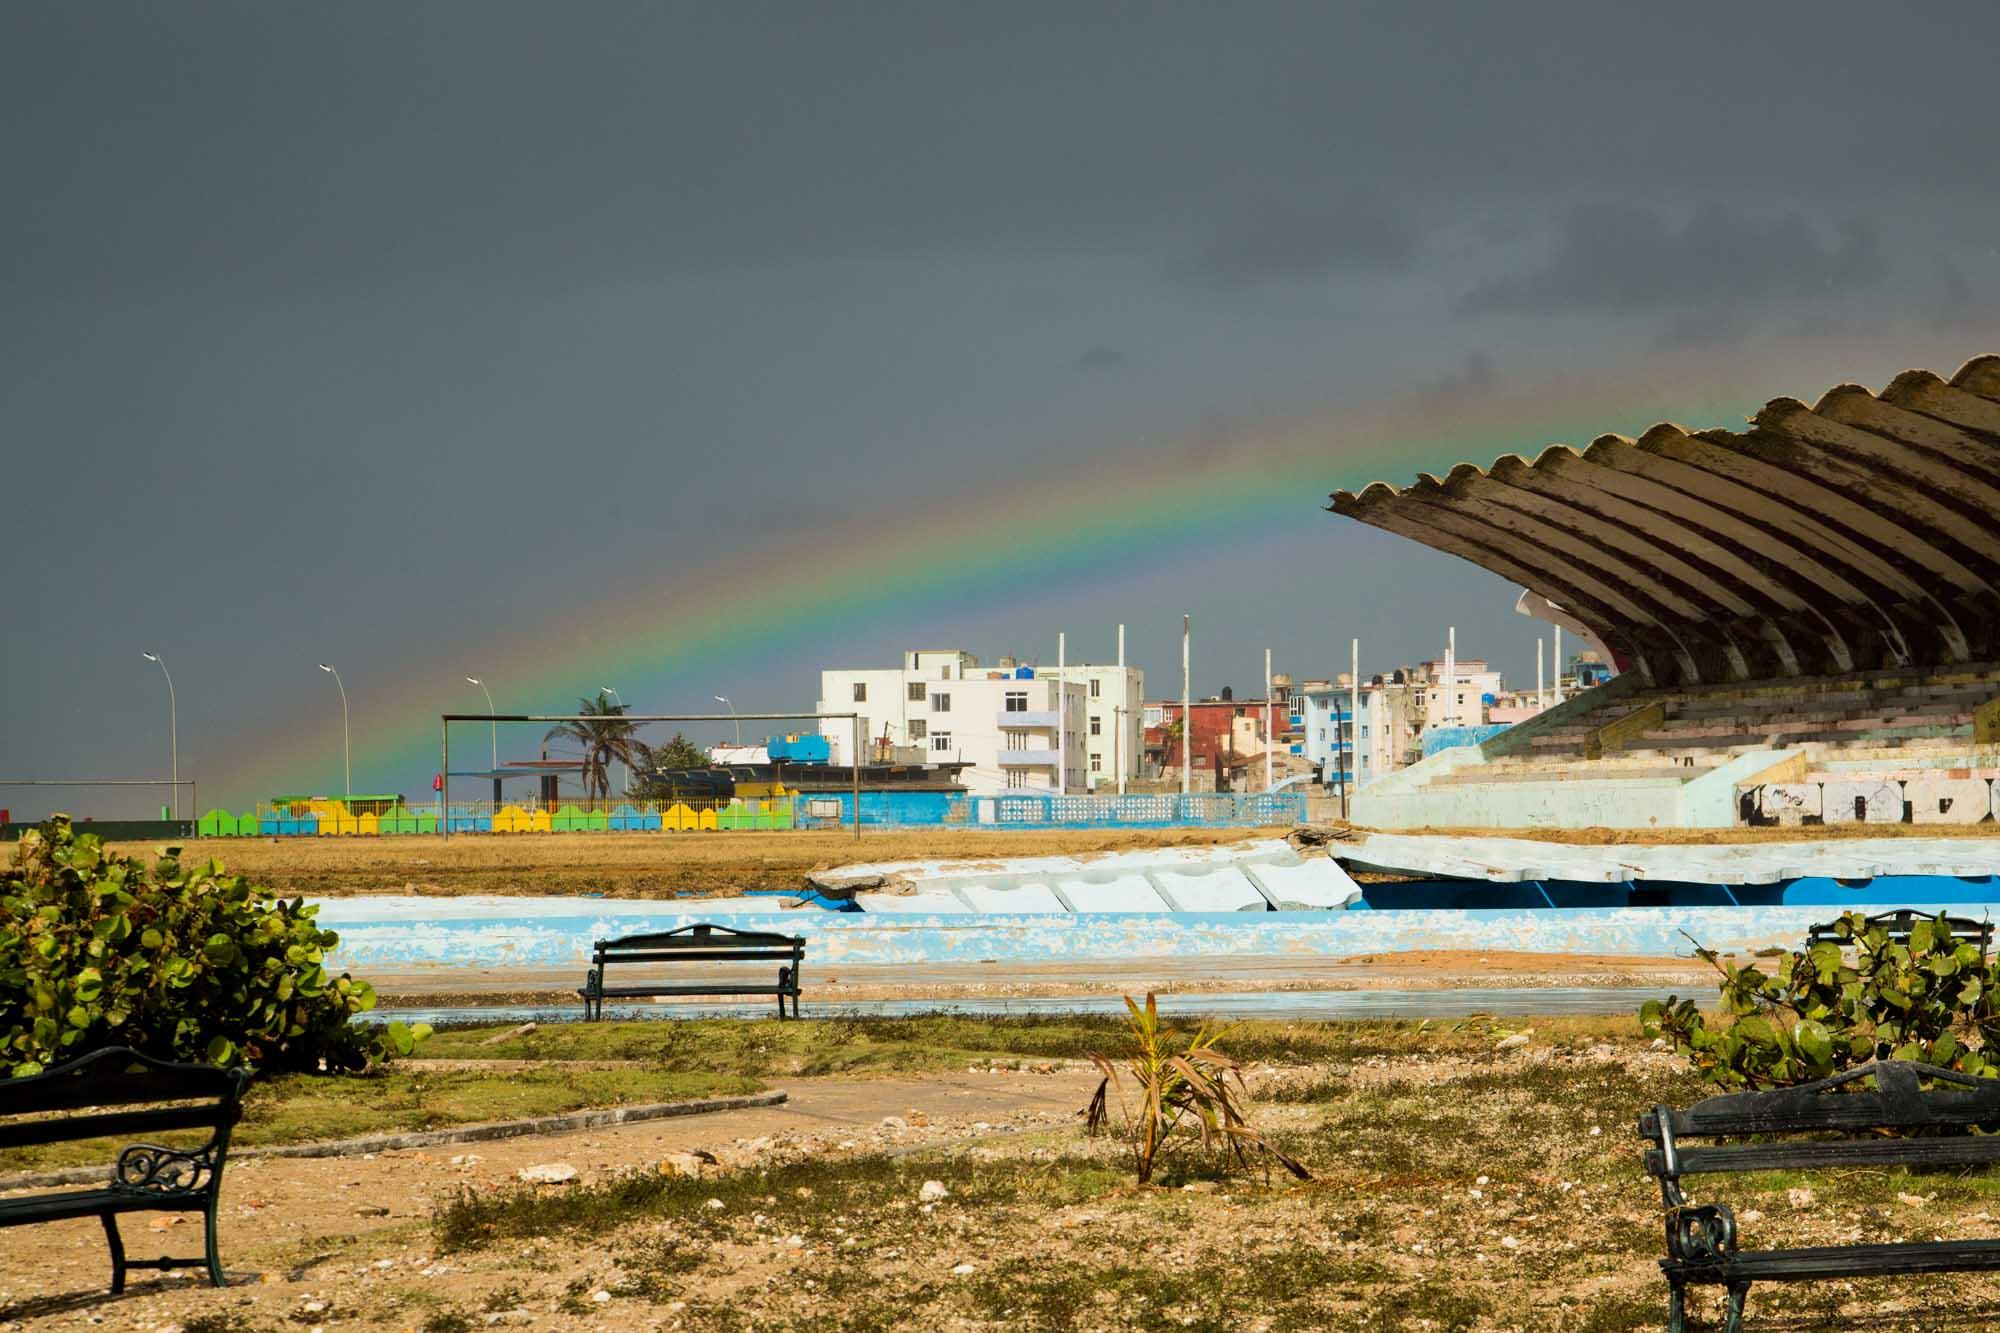 Arcoiris en El Vedado este lunes 11 de septiembre (Foto: Jorge Ricardo)